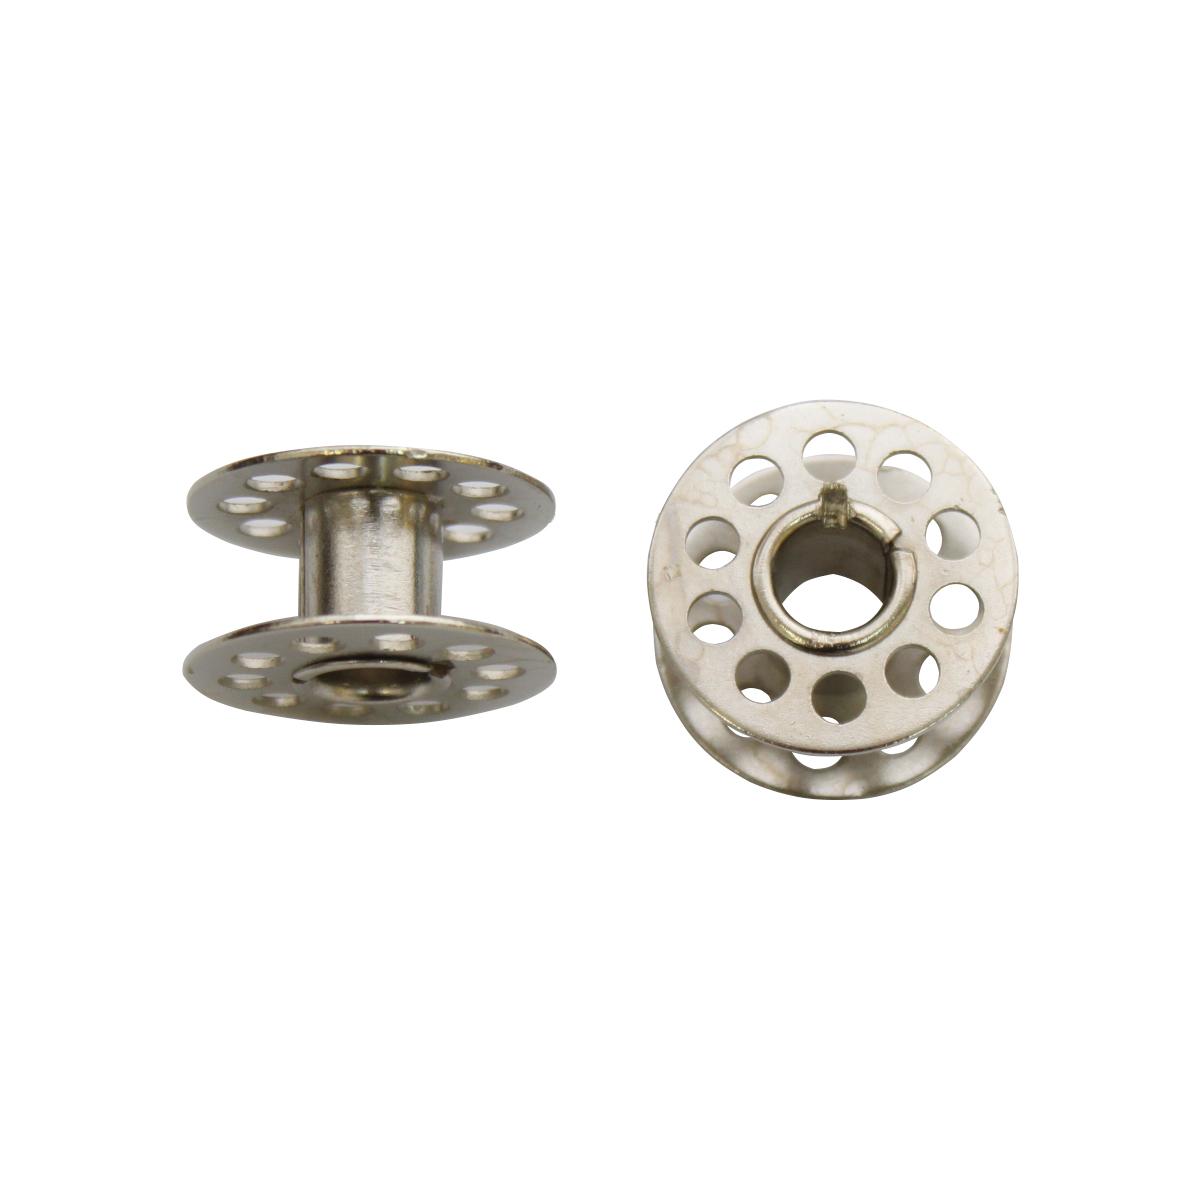 Шпулька Bestex, металлическая, 0350-0003, 10шт163057Шпулька Bestex изготовлена из высококачественного металла. В набор входит 10 шт.